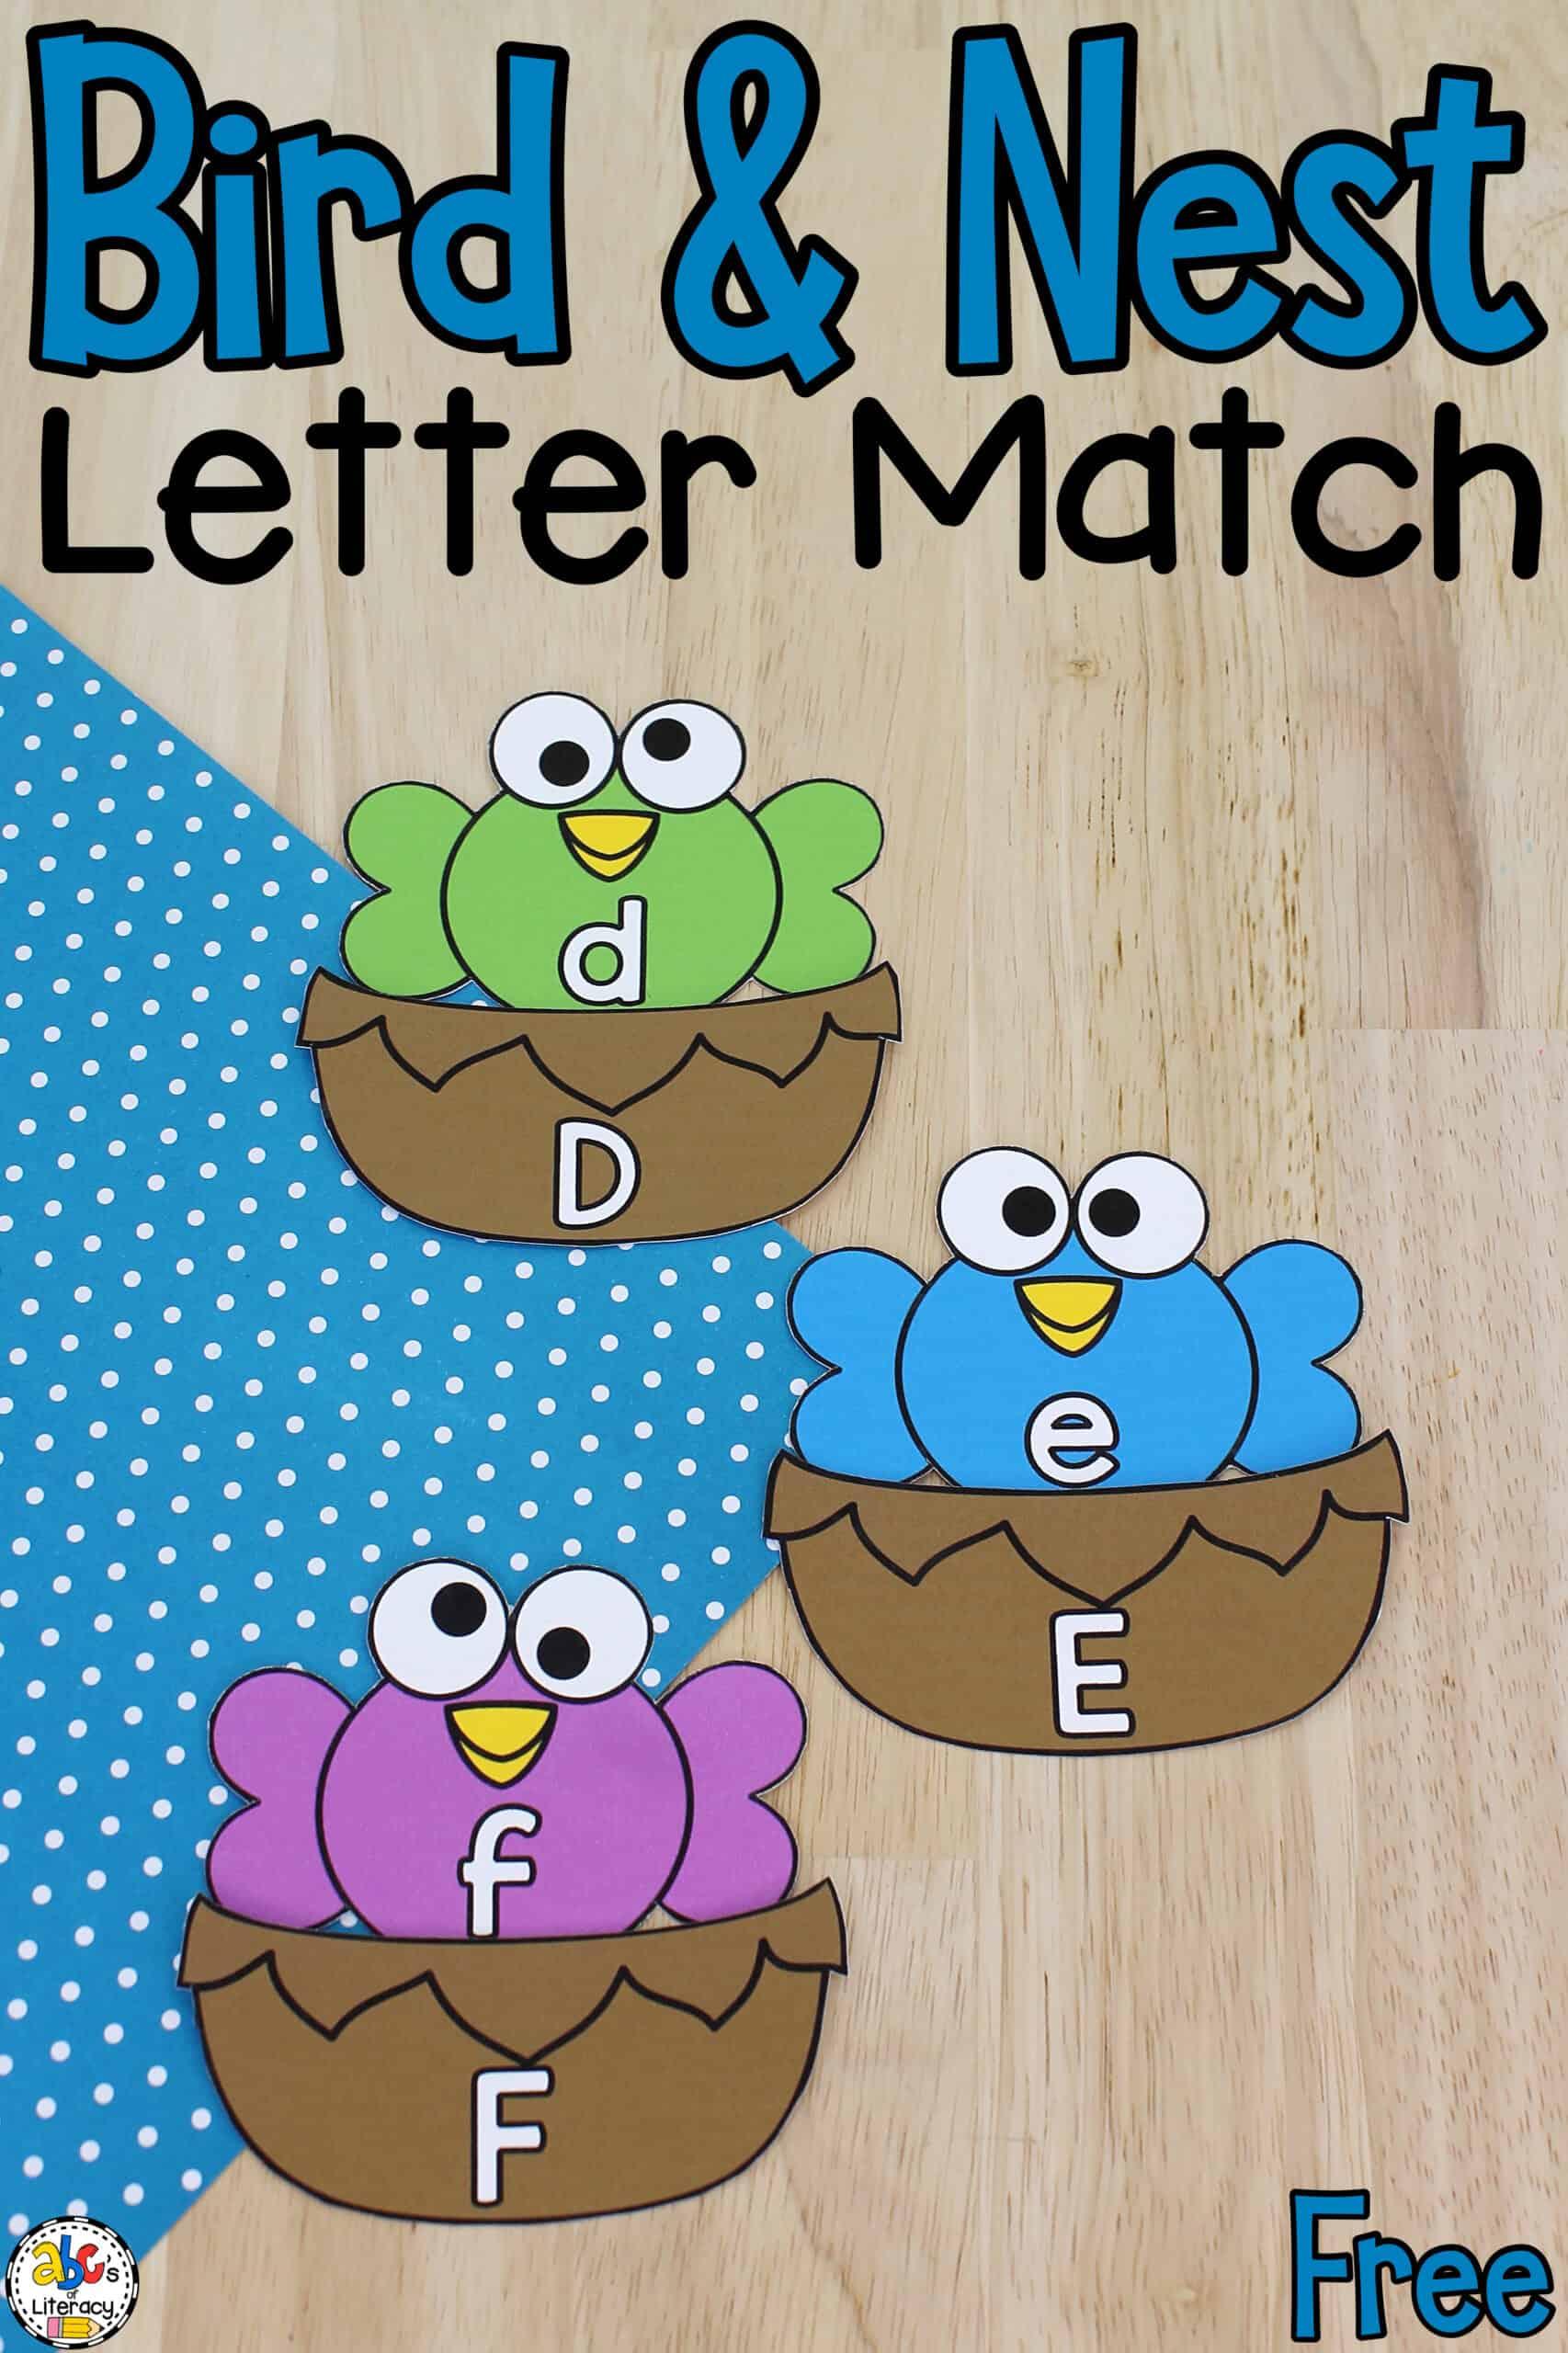 Bird & Nest Letter Match Activity